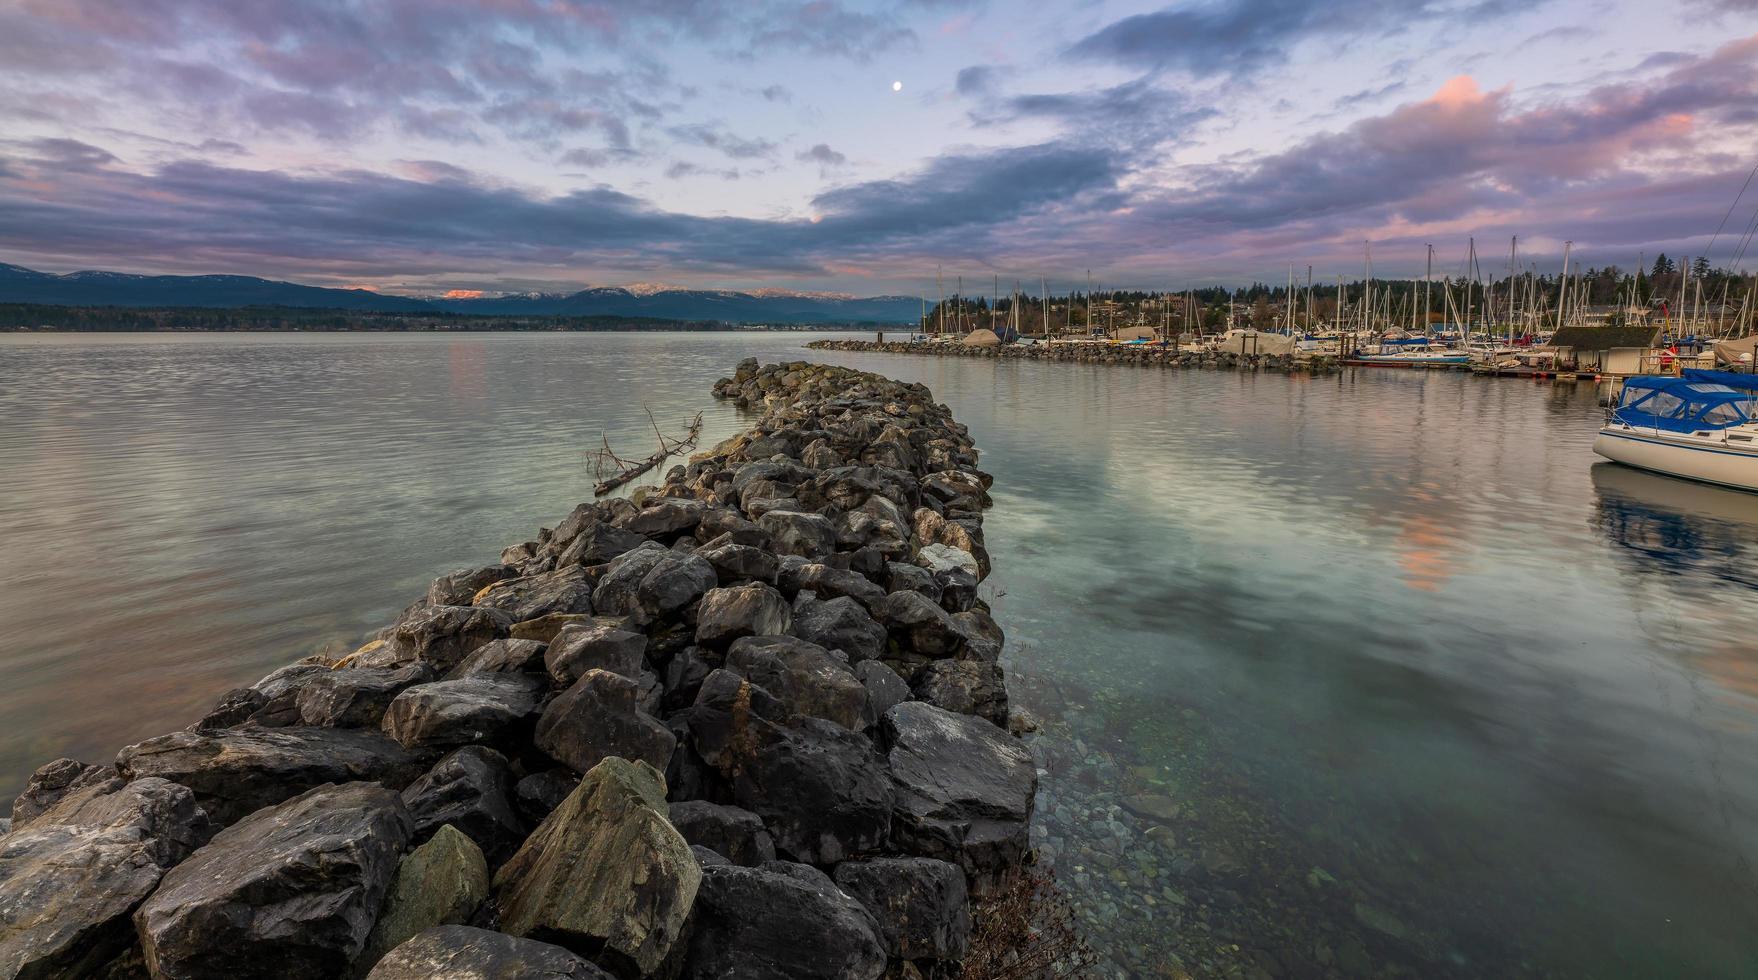 grijze rotsen in de buurt van water onder de blauwe hemel foto